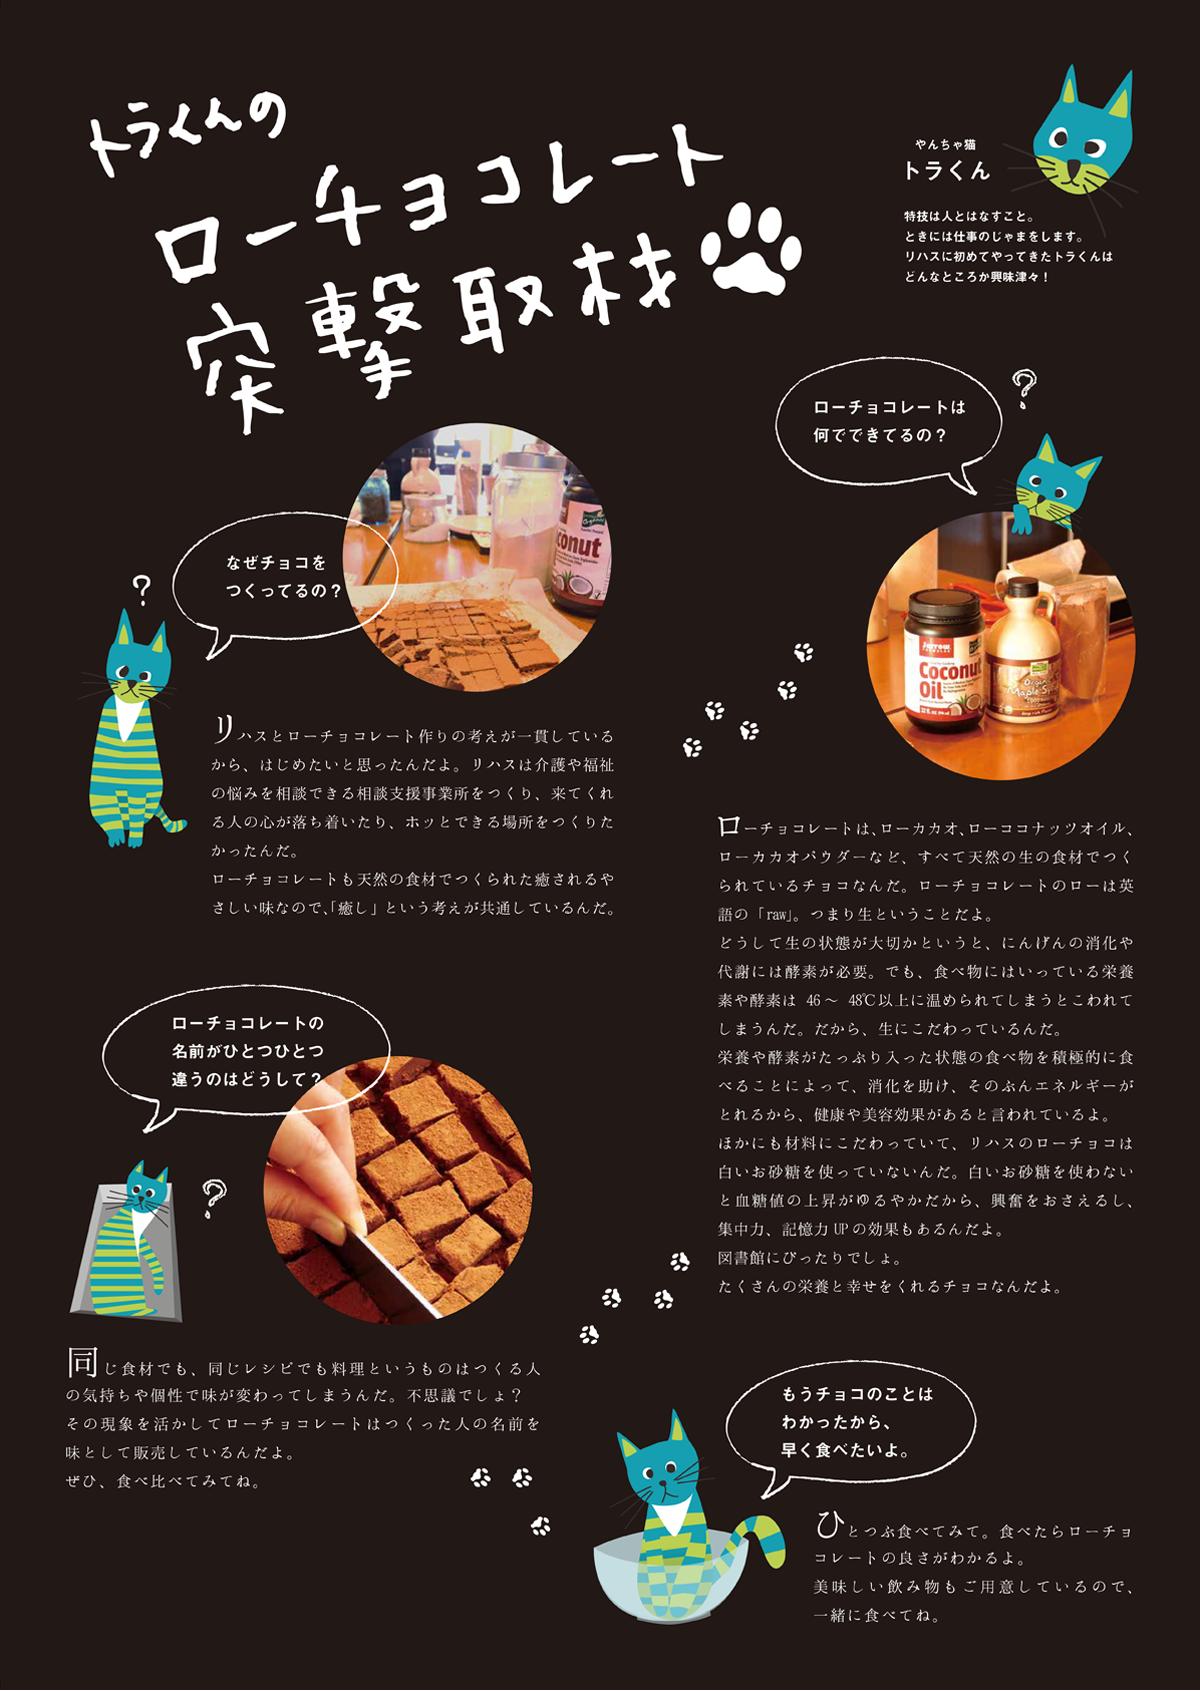 ローチョコレート・ポスター